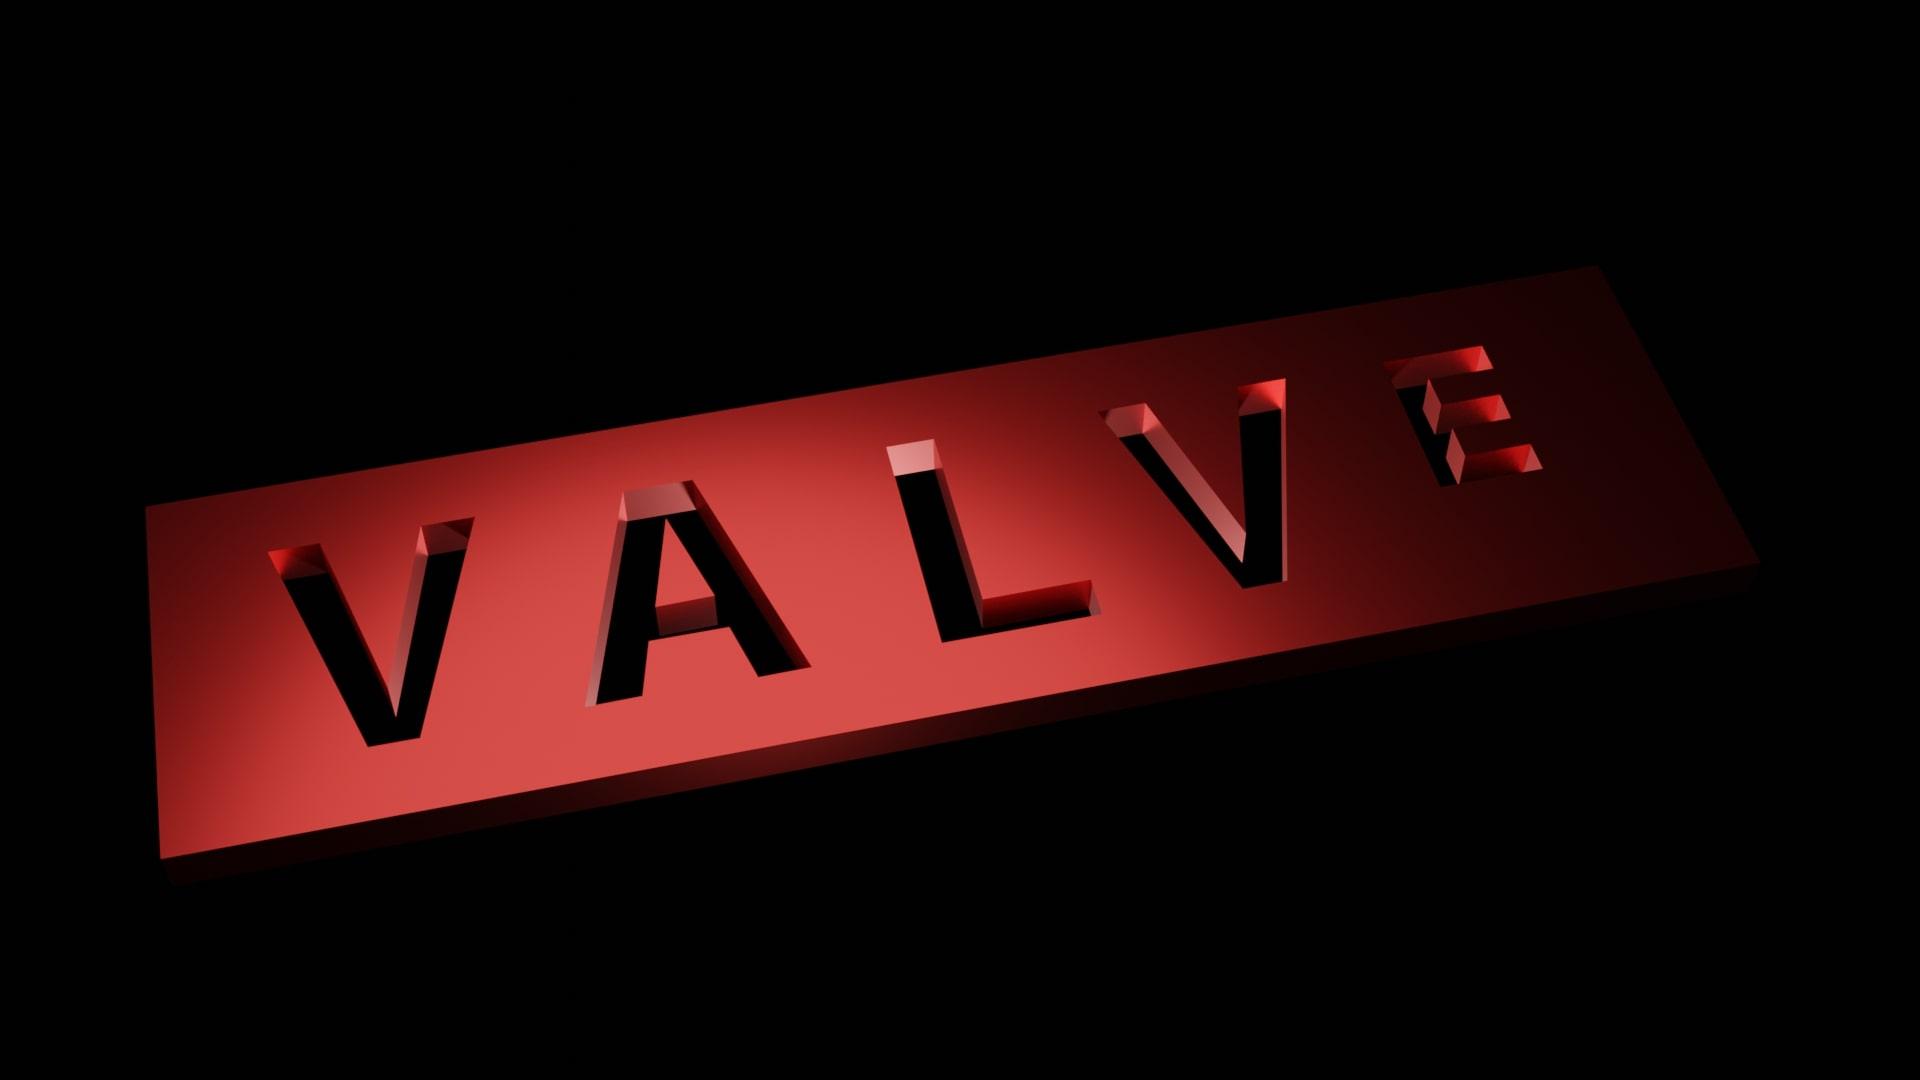 VR expert Valve logo